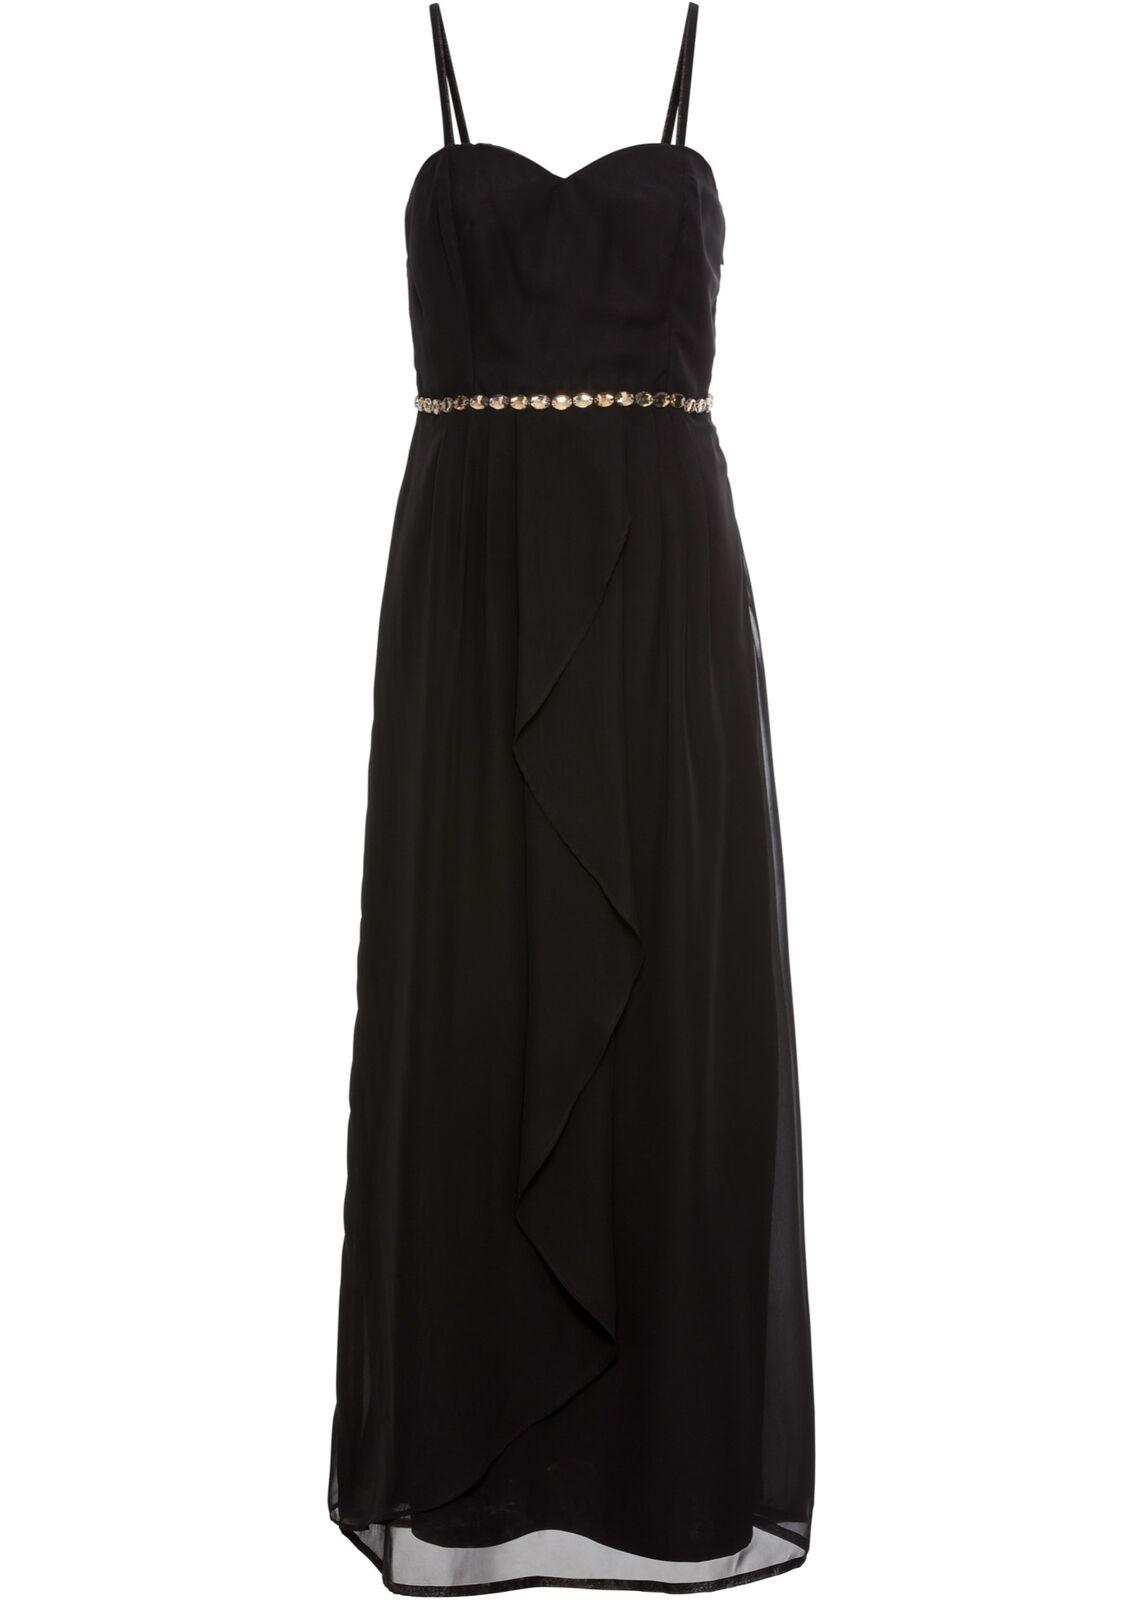 Kleid Gr. 38 Schwarz Damen Partykleid Maxi-Dress Abendkleid Cocktailkleid Neu